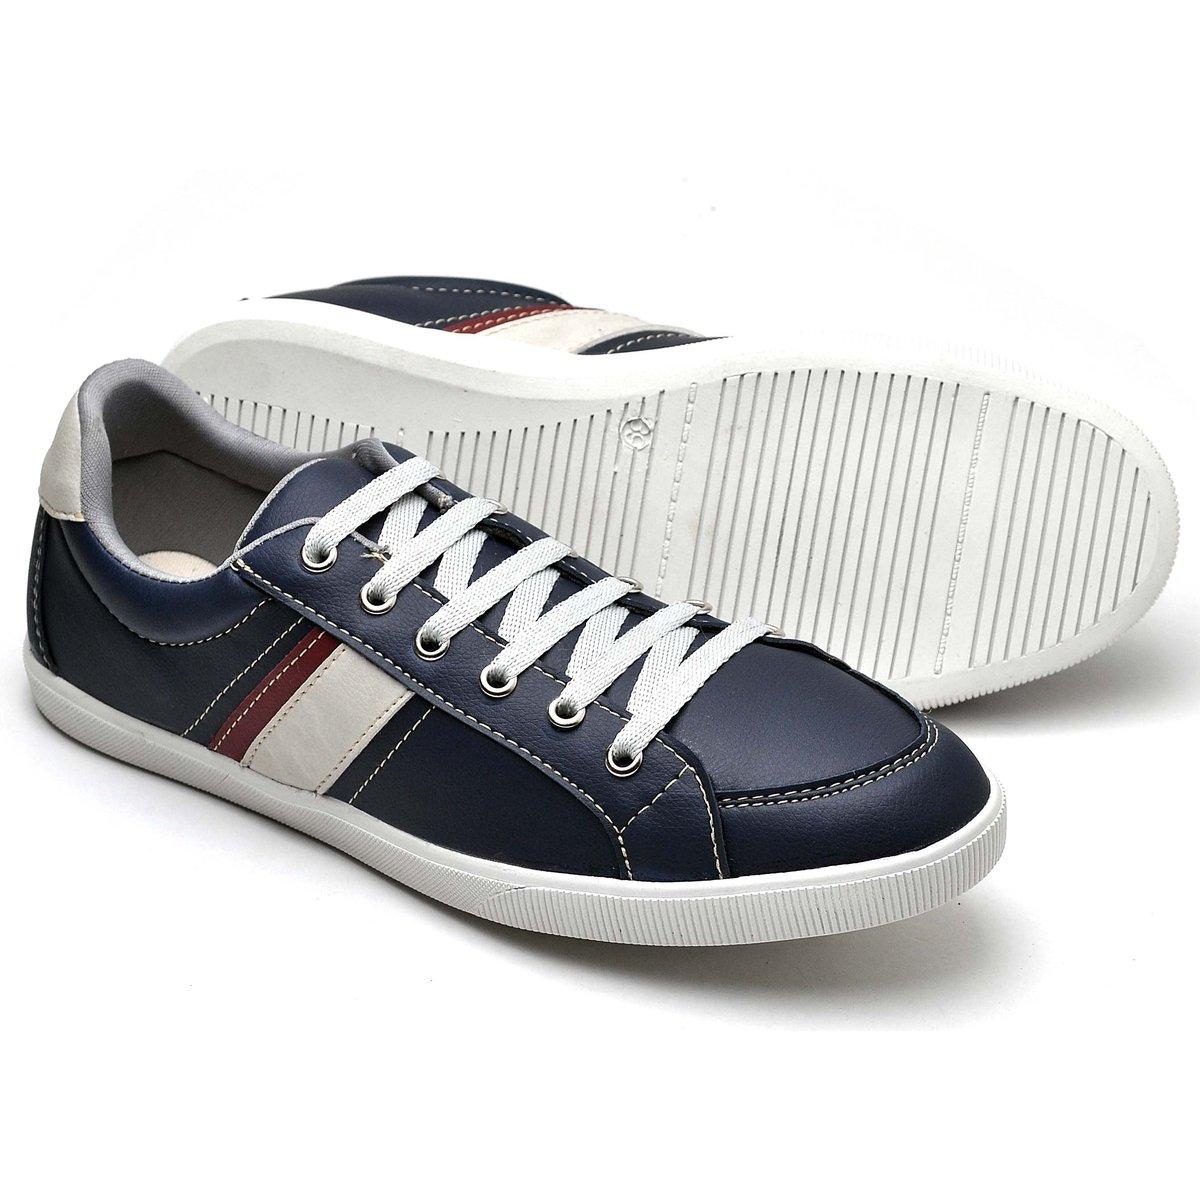 Sapatênis Vermelho Top Kit Franca Kit e Branco Sapatênis Shoes q7Uw6xRzp